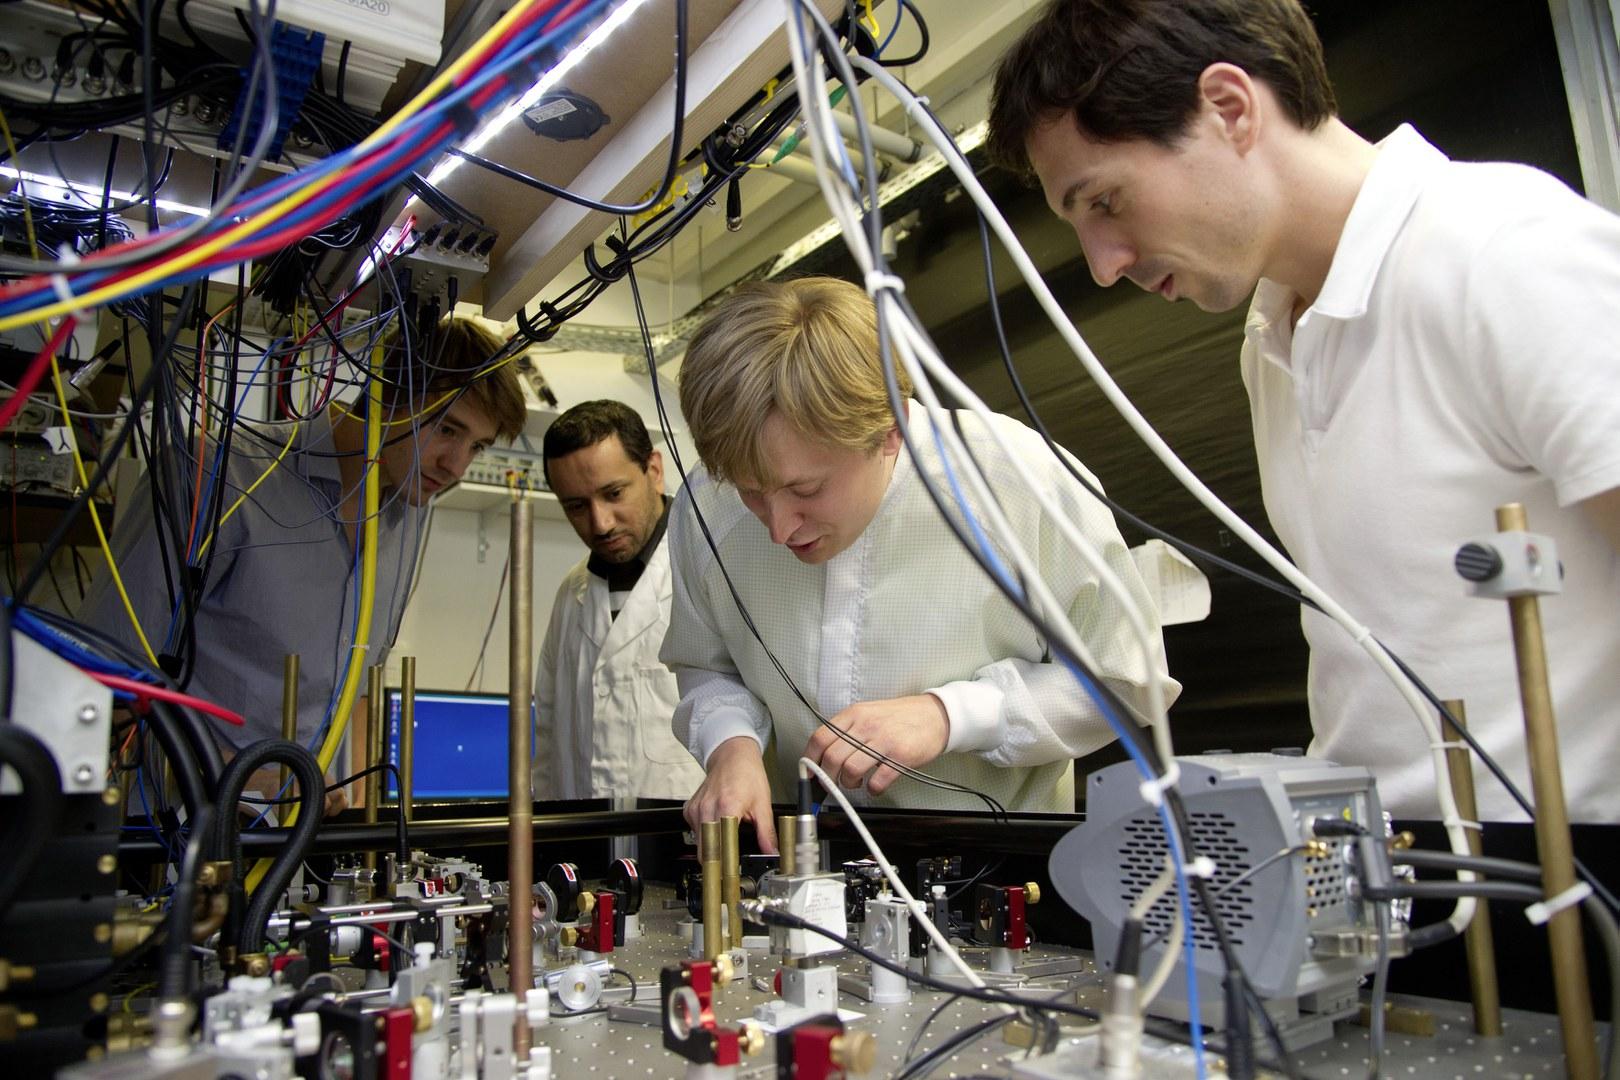 Teilen mit quantenmechanischer Präzisionsarbeit Atome: